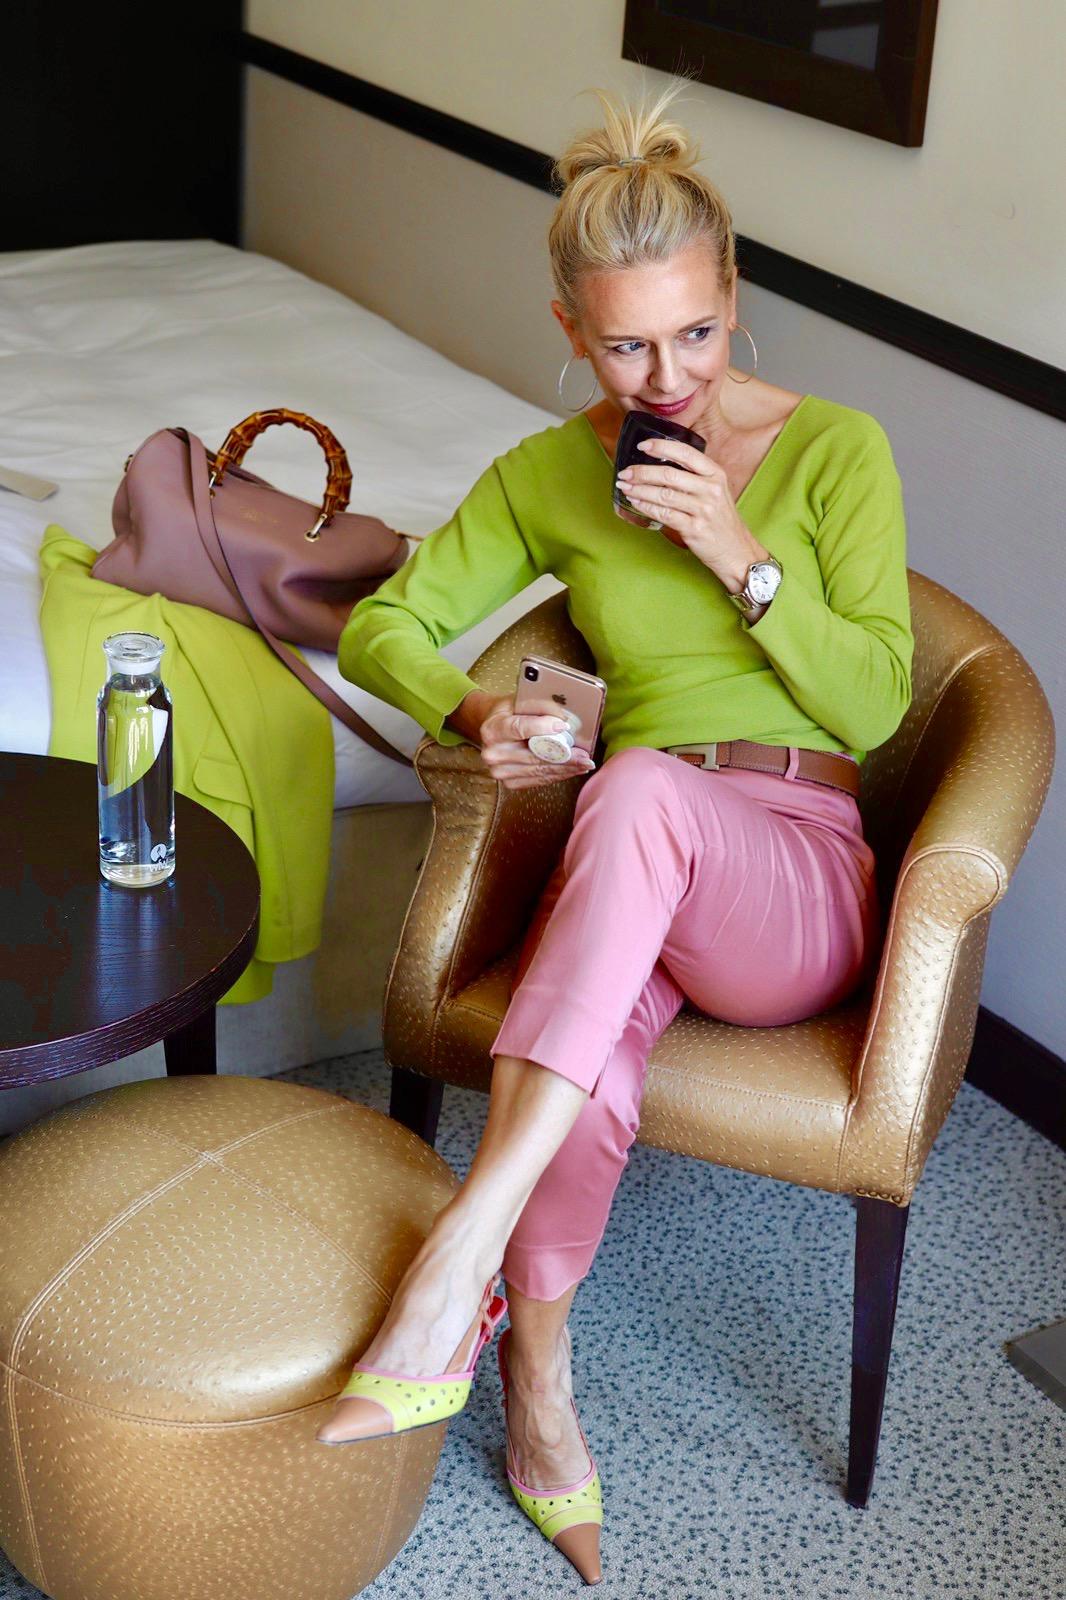 glamupyourlifestyle Schokoladenjahre Bloggerinterview ü-40-mode ü-40-blog ue-50-blog